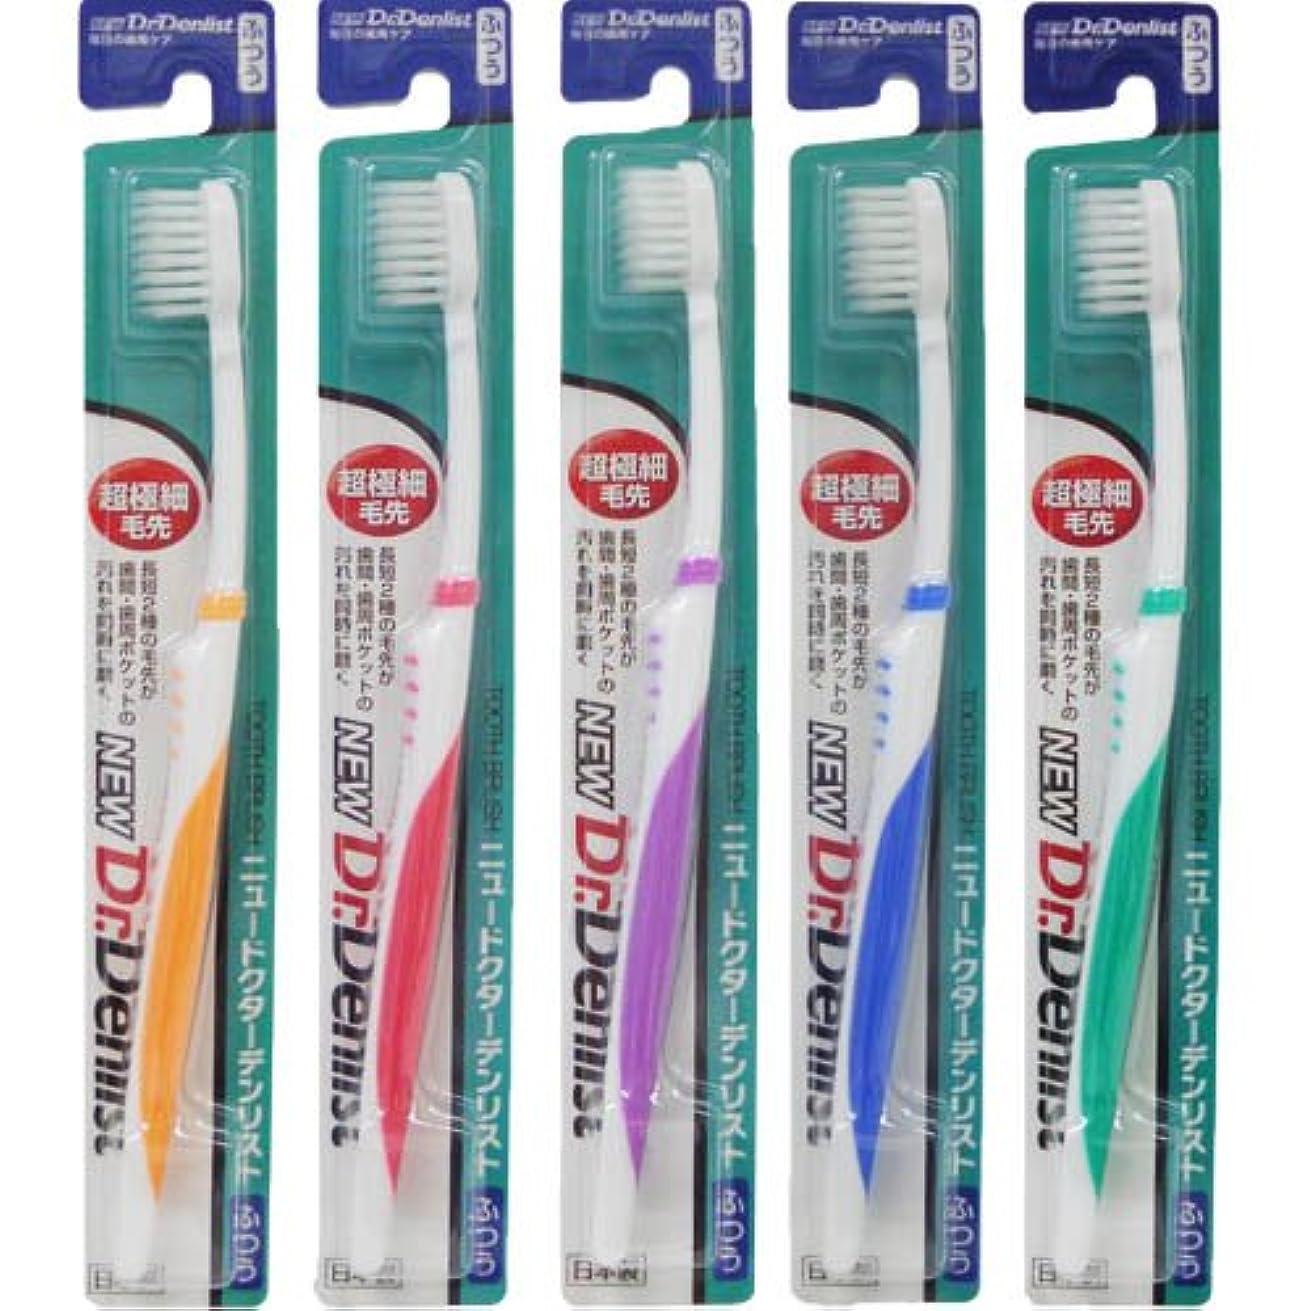 ベッドを作るファセットツインNew Dr.Denlist 歯ブラシ 超極細毛先 ふつう 12本セット(クリエイト)